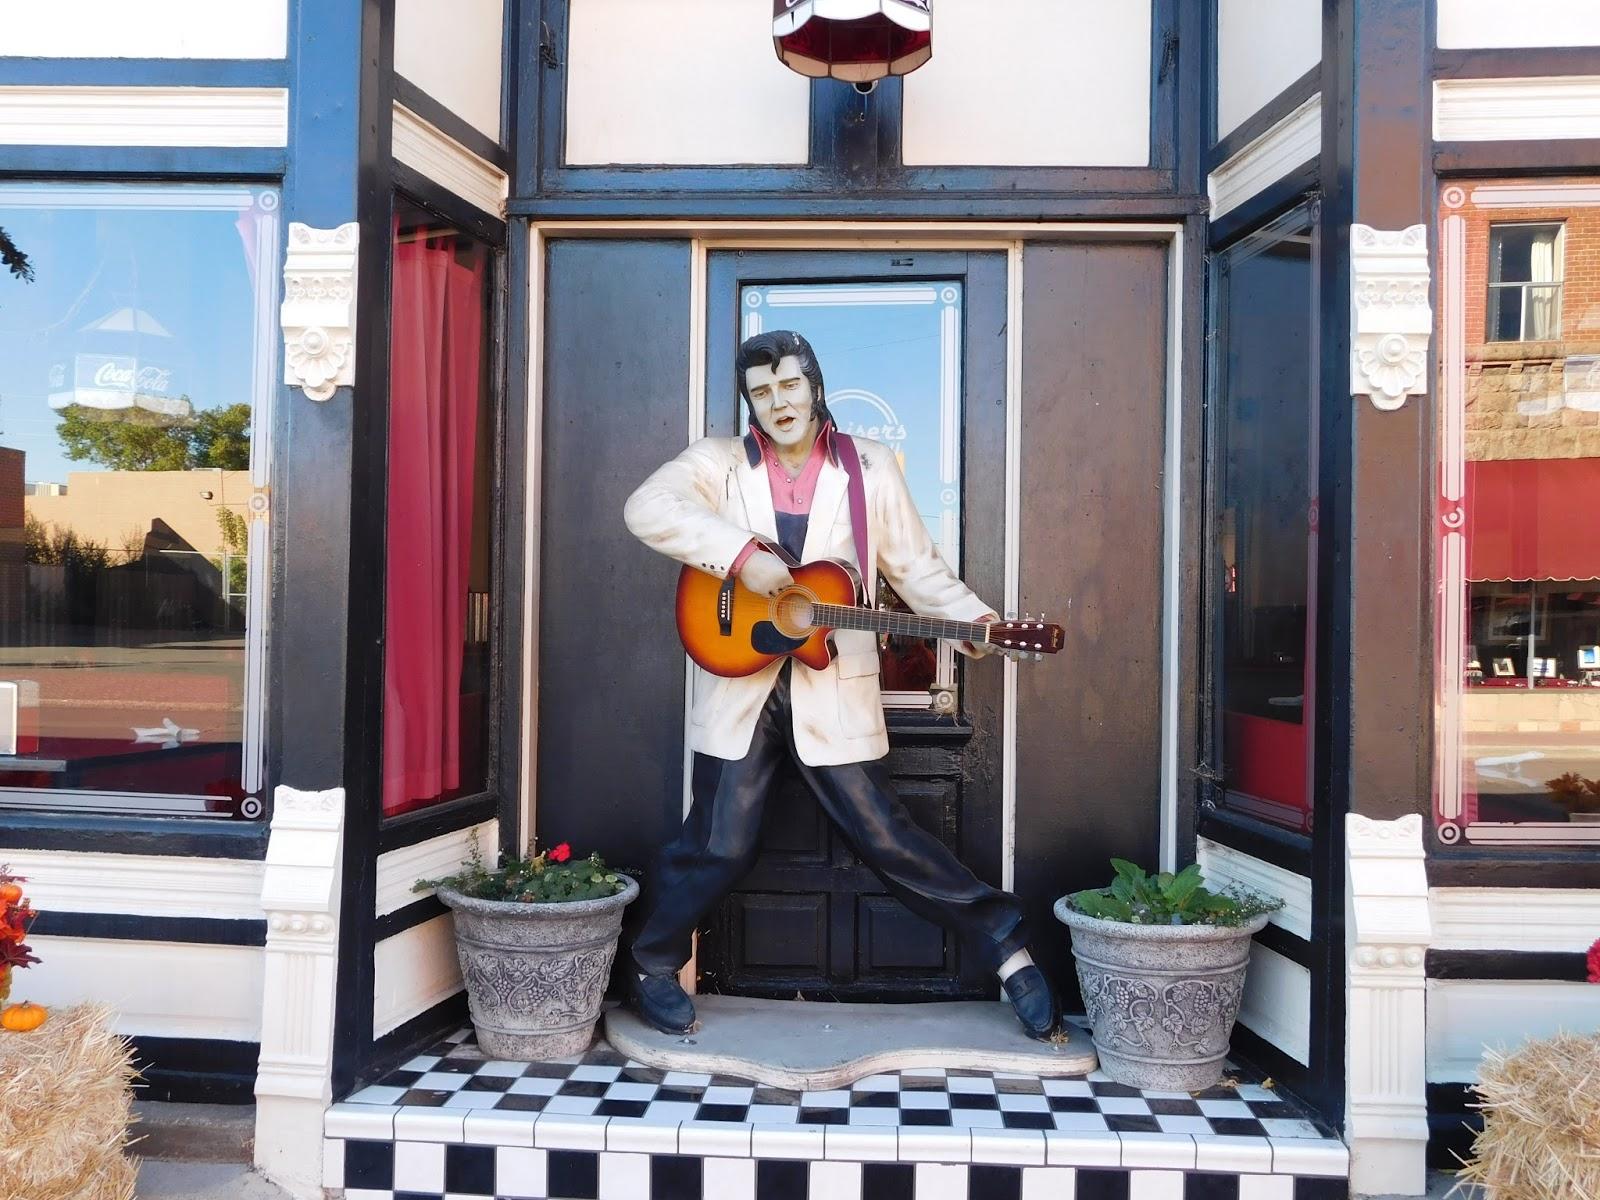 Elvis statue in Williams Arizona